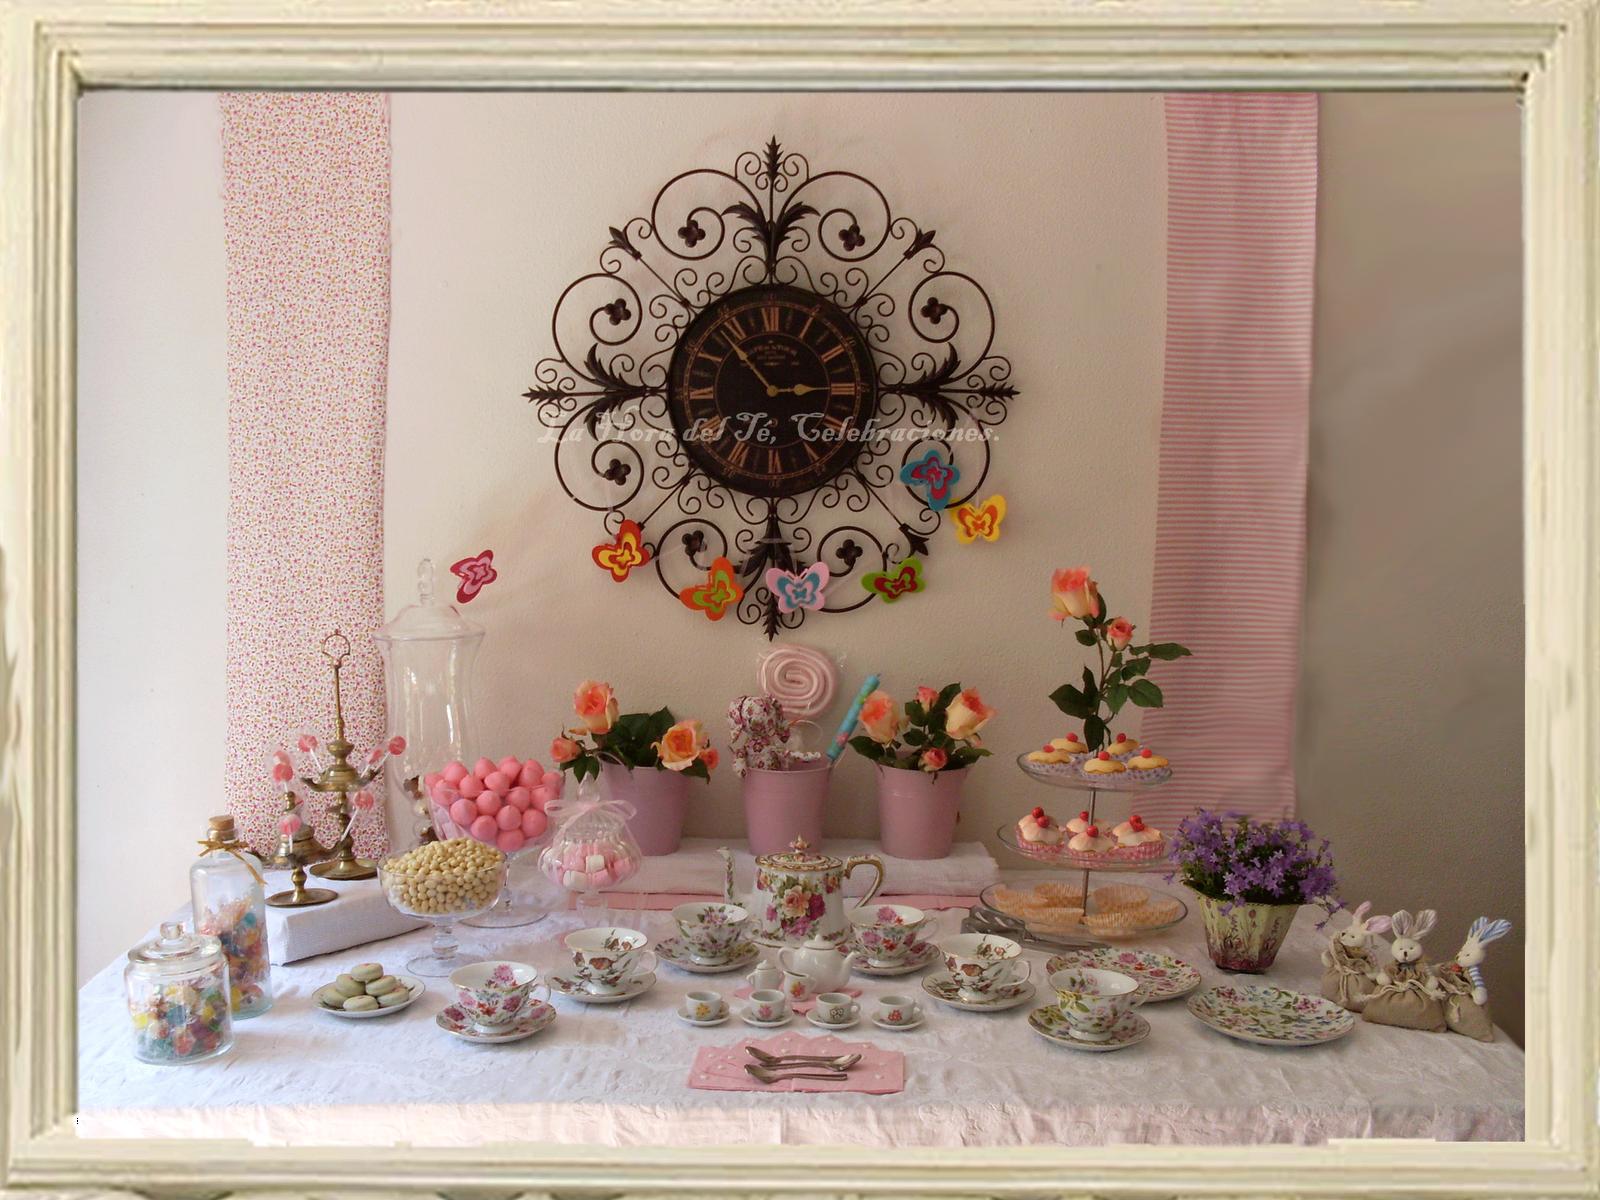 La casita de Martina - Blog de moda infantil y premamá te recomienda - LA HORA DEL TE celebraciones.......